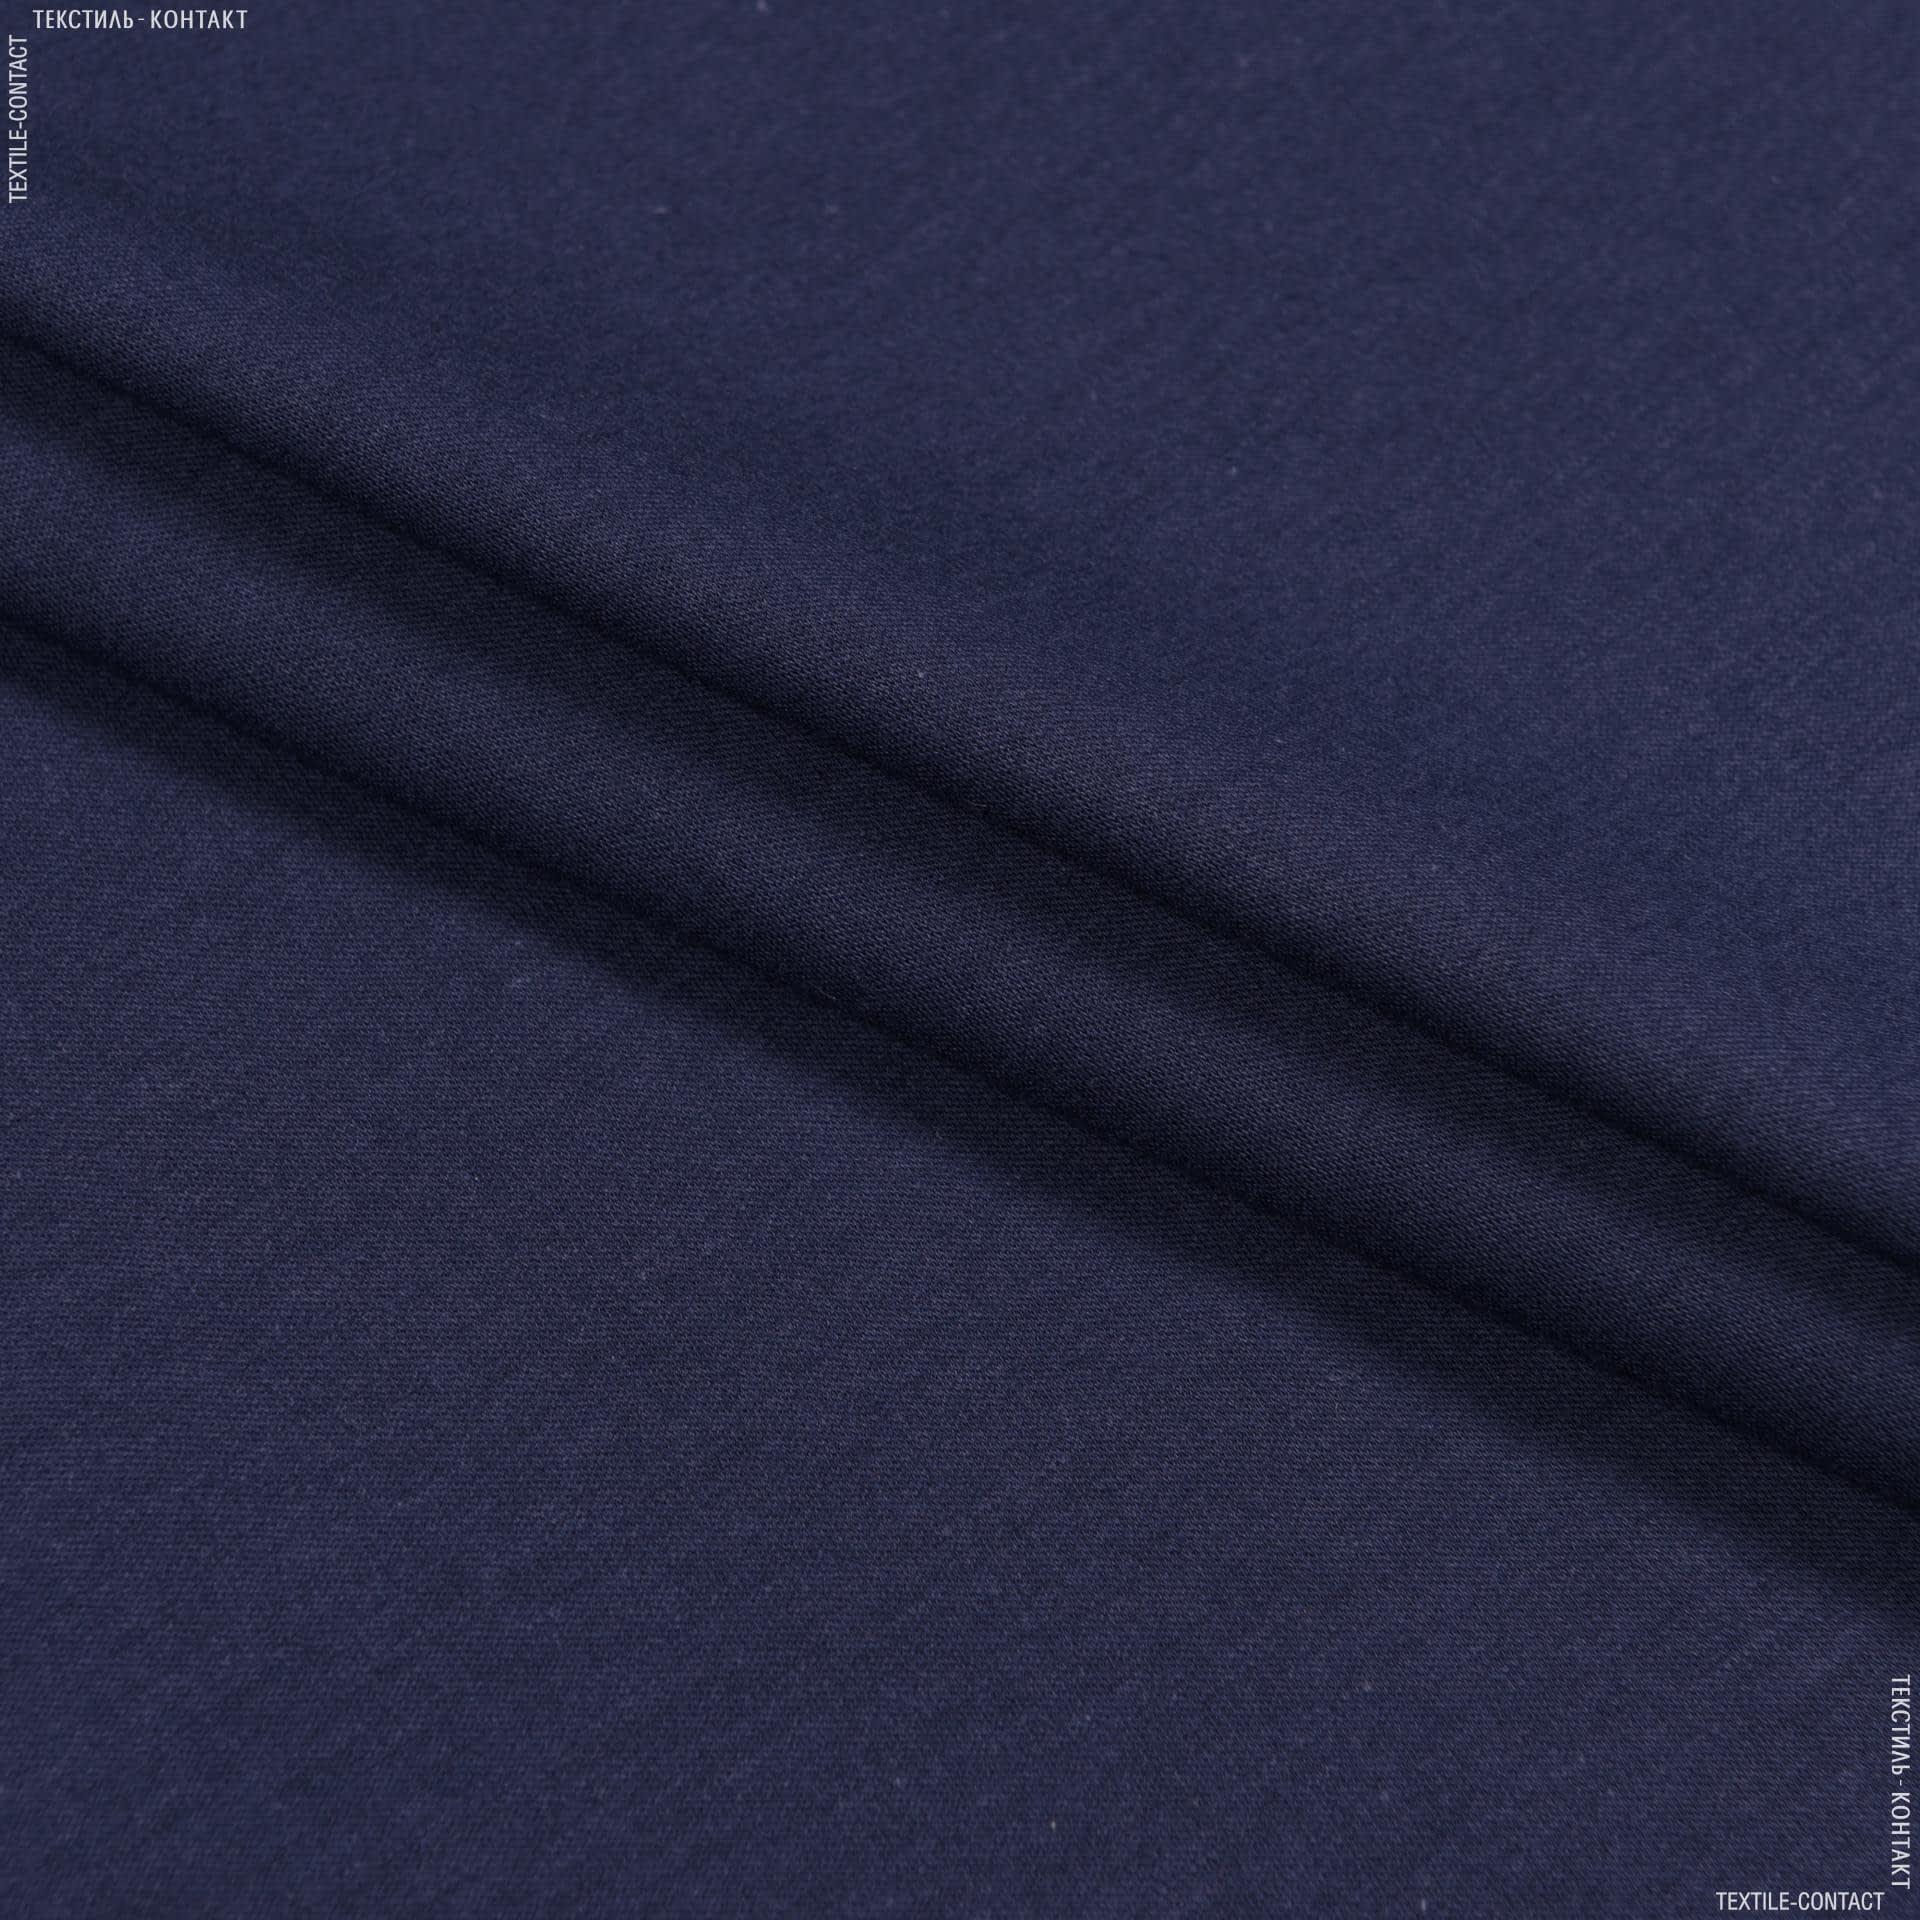 Ткани для белья - Трикотаж коттон шлифованный темно-синий